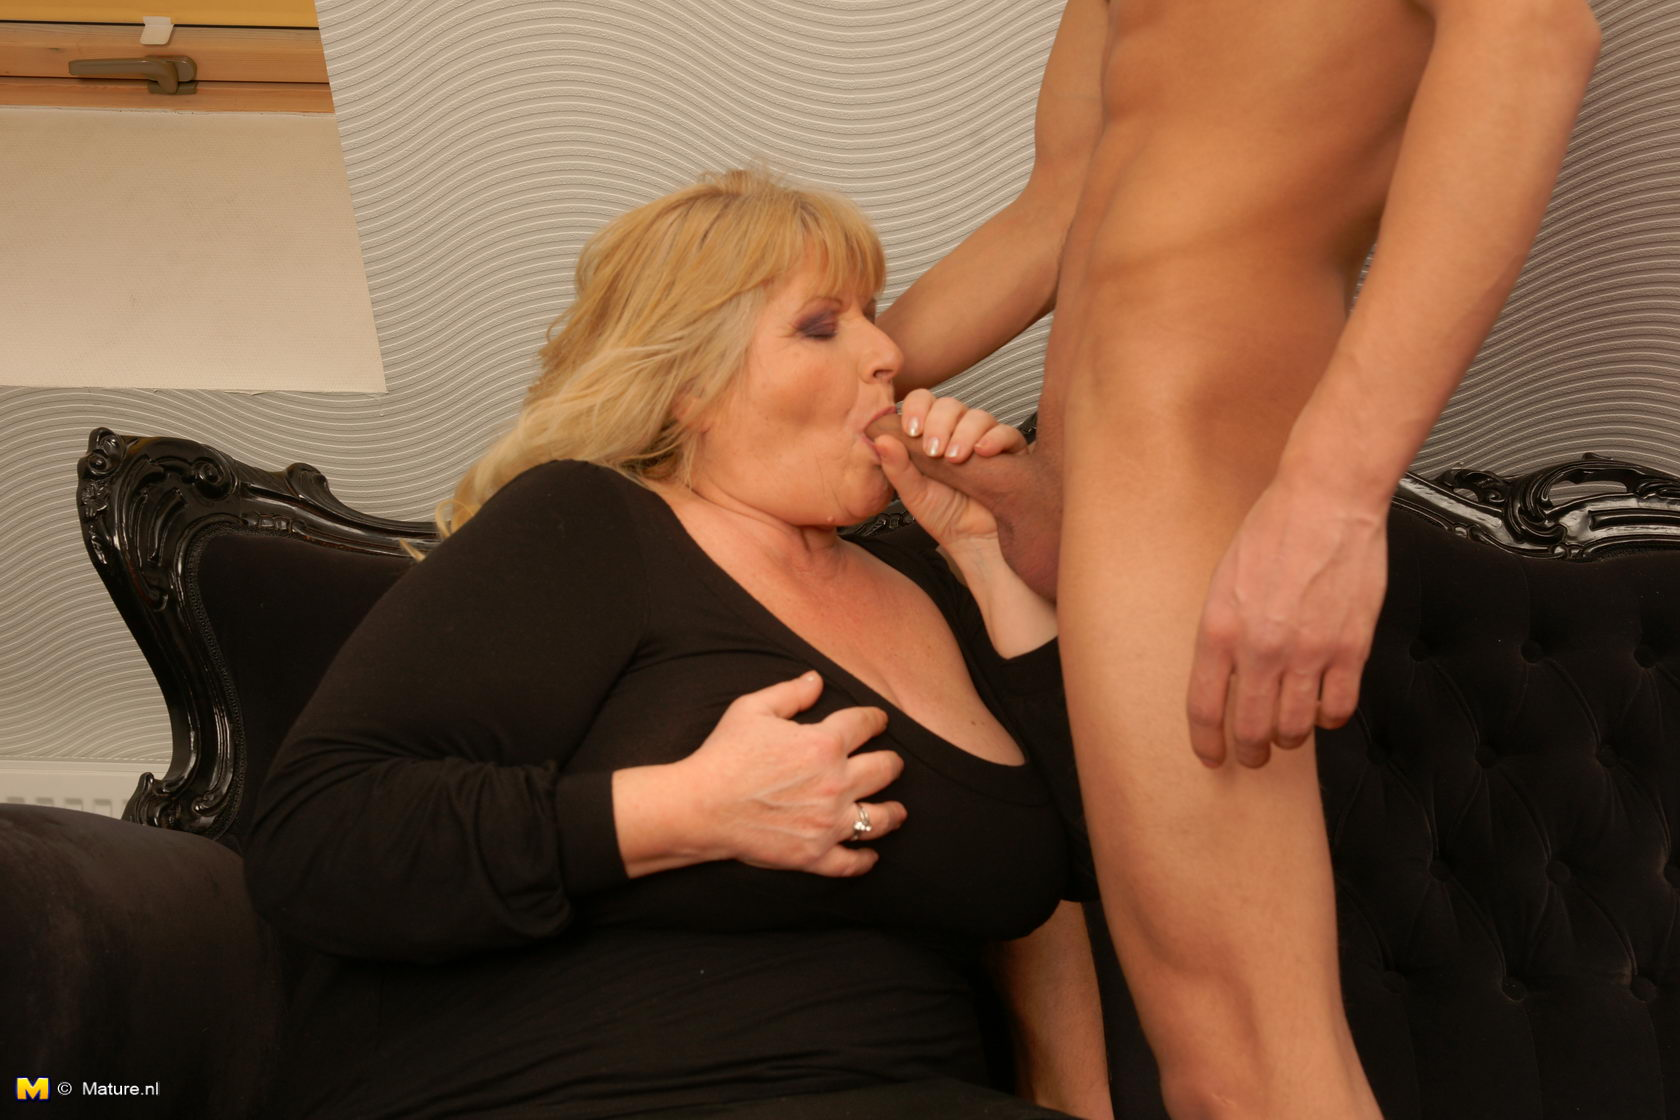 Blonde milf w fat ass perky tots walmart faceshot - 3 7